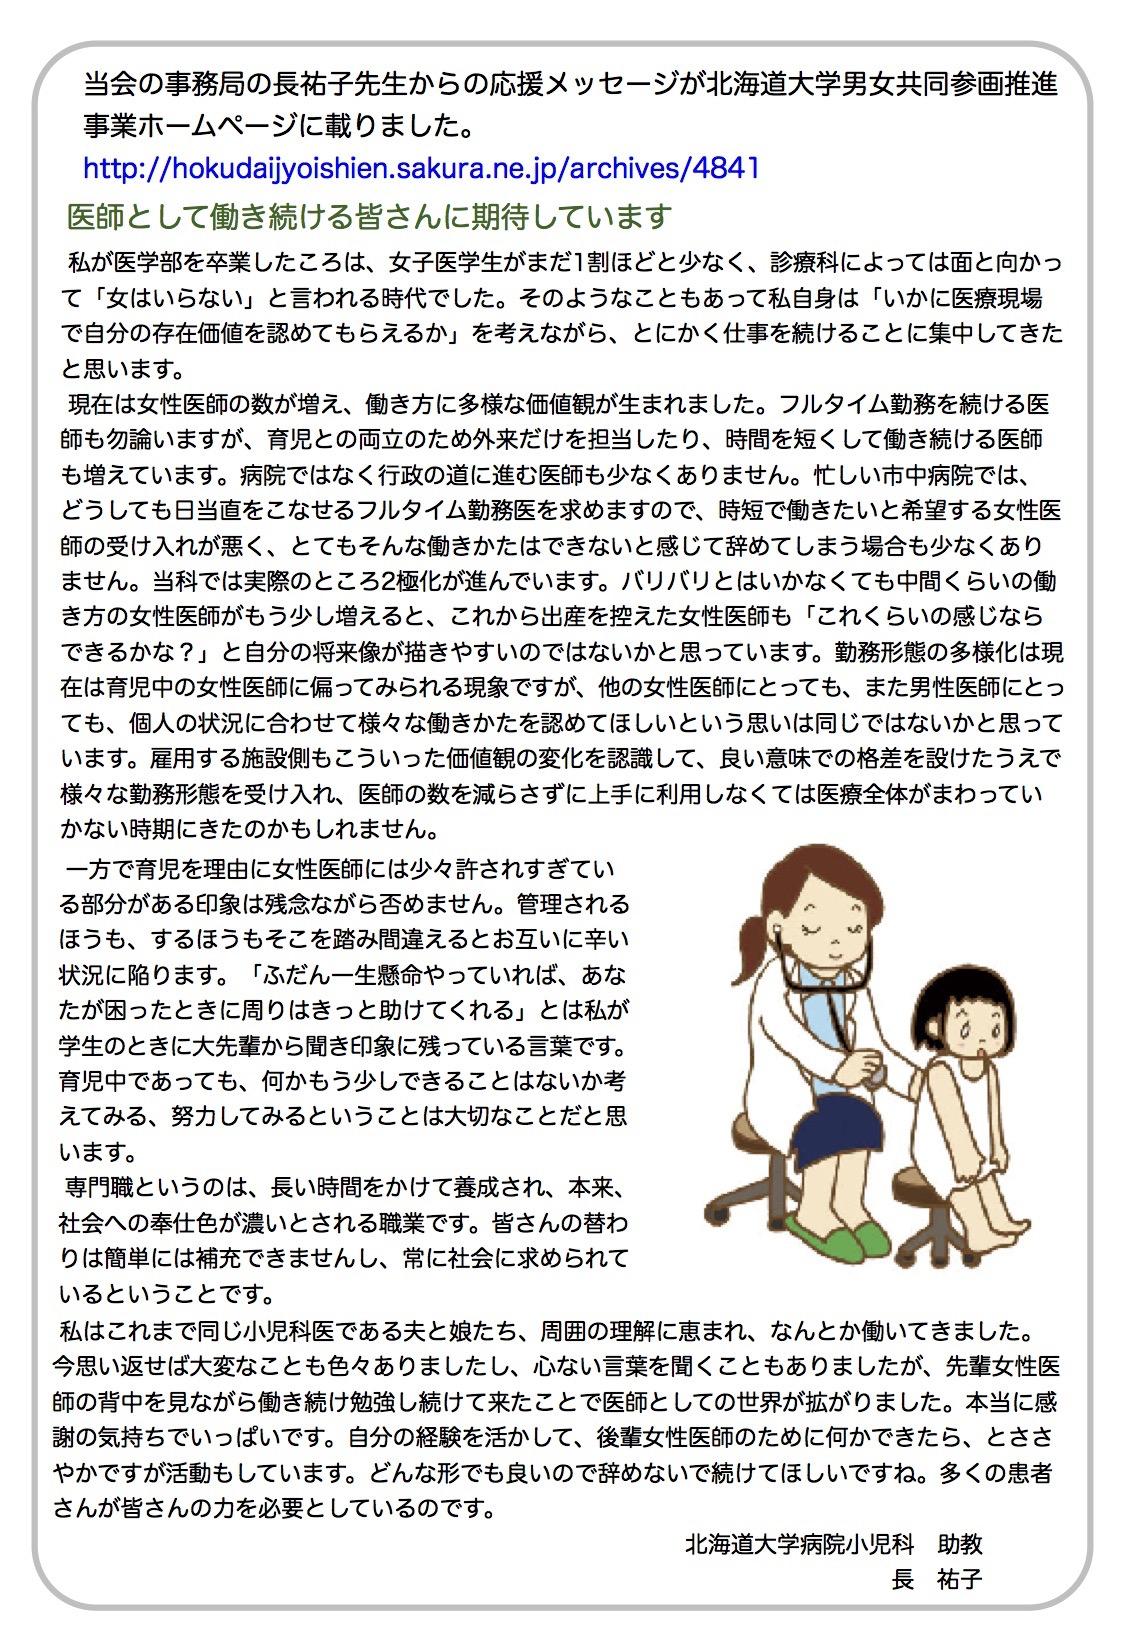 エゾモモンガ会会報No.9  2/4 page